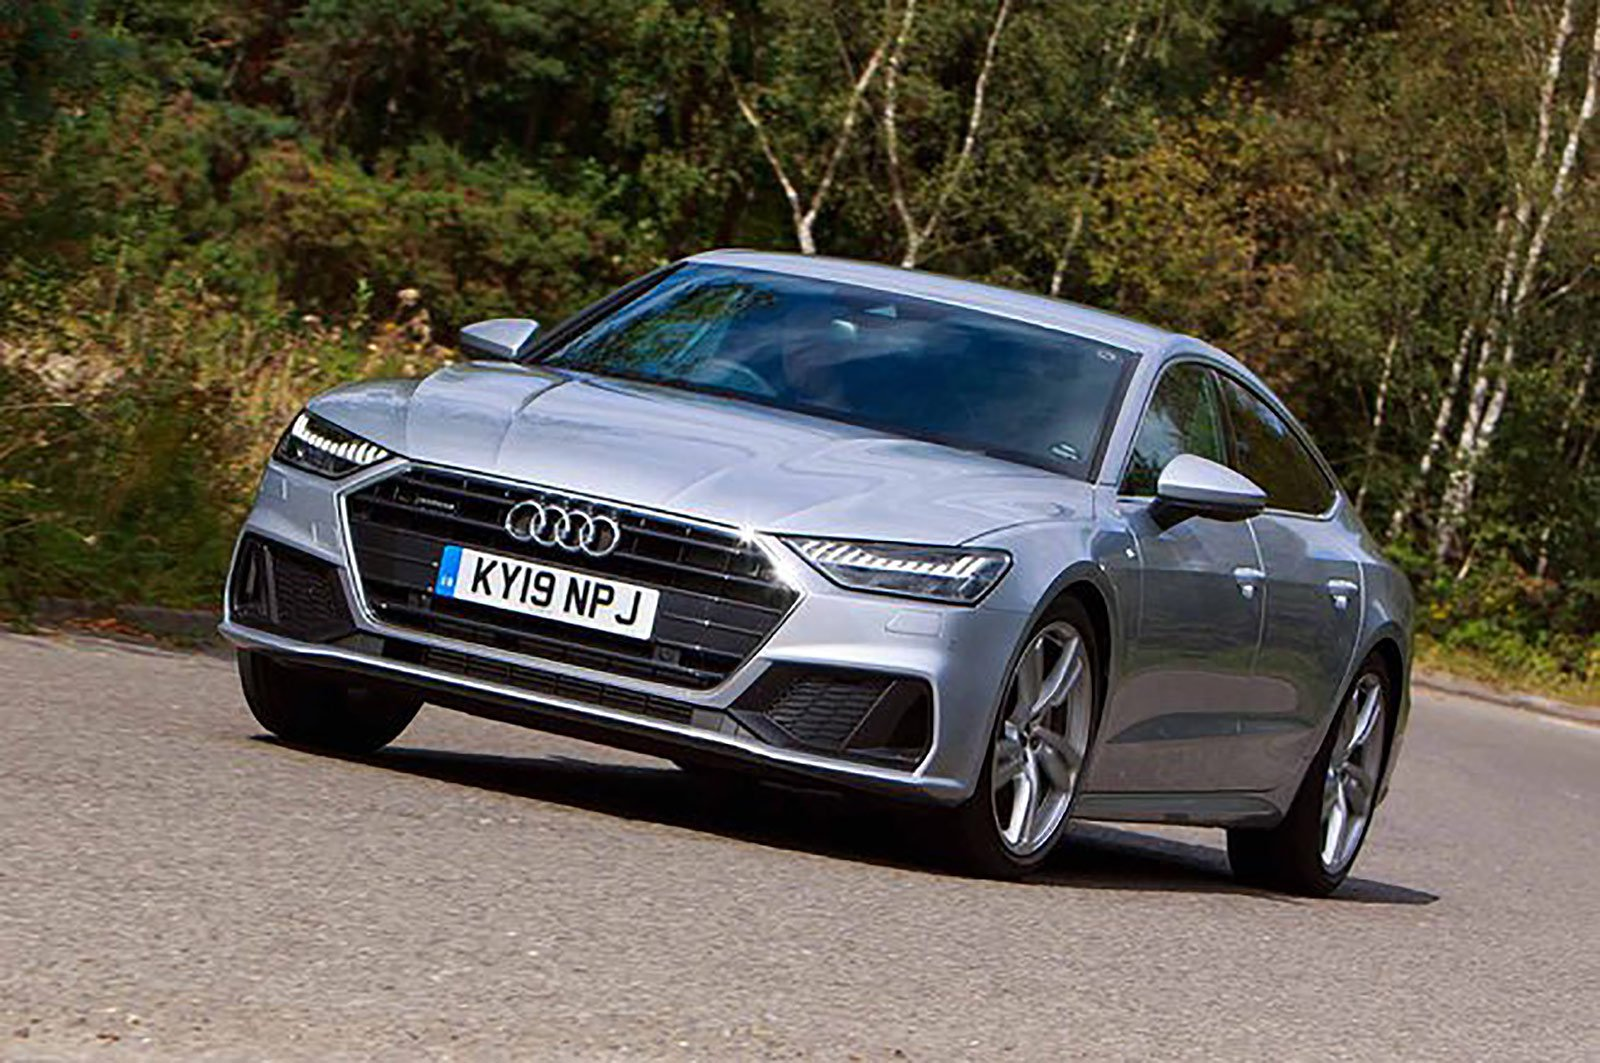 Audi A7 front